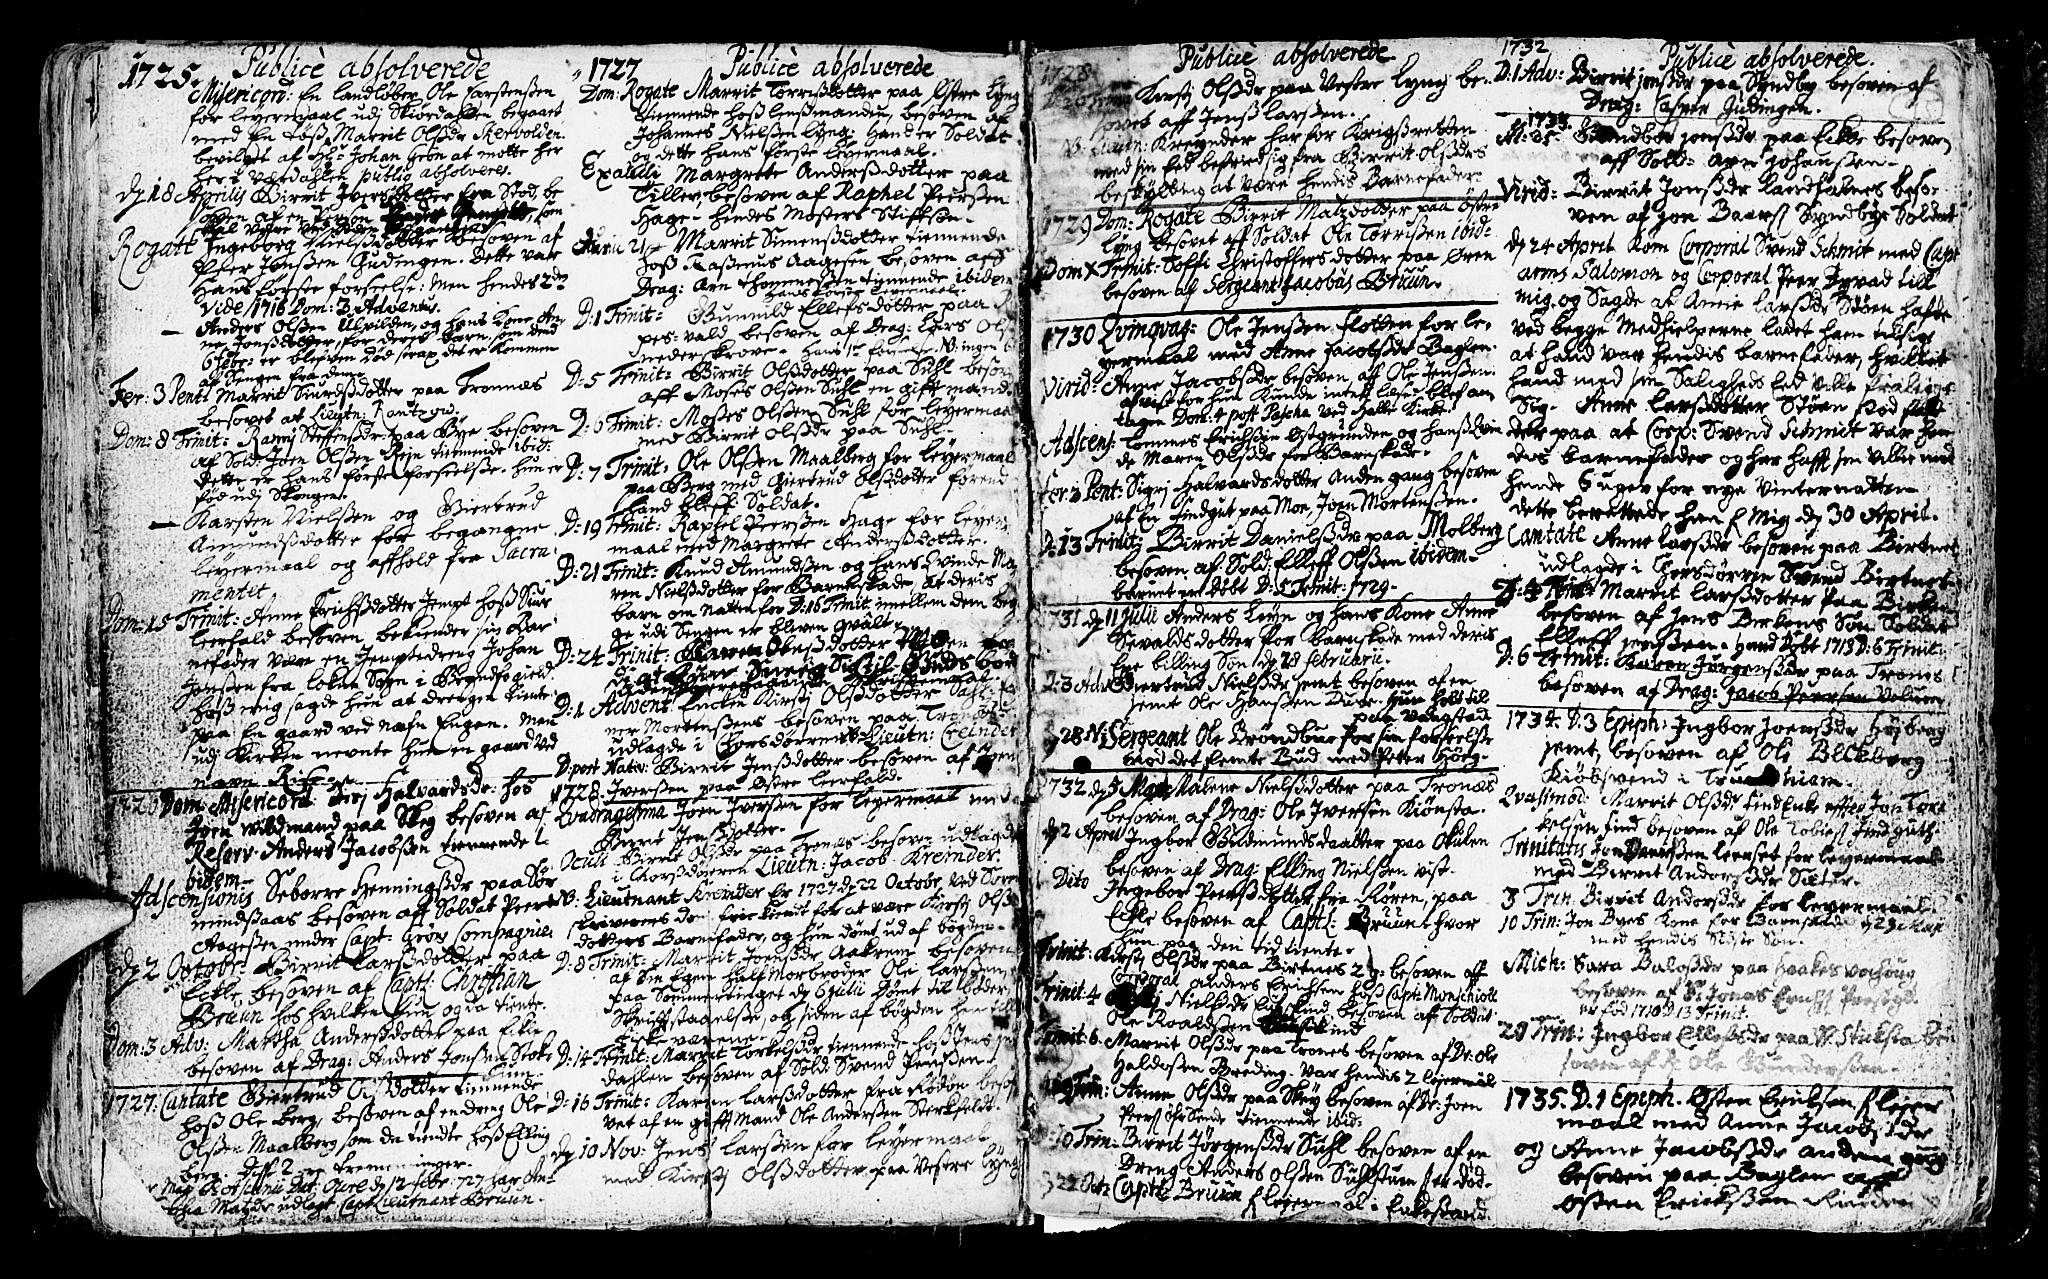 SAT, Ministerialprotokoller, klokkerbøker og fødselsregistre - Nord-Trøndelag, 723/L0230: Ministerialbok nr. 723A01, 1705-1747, s. 95